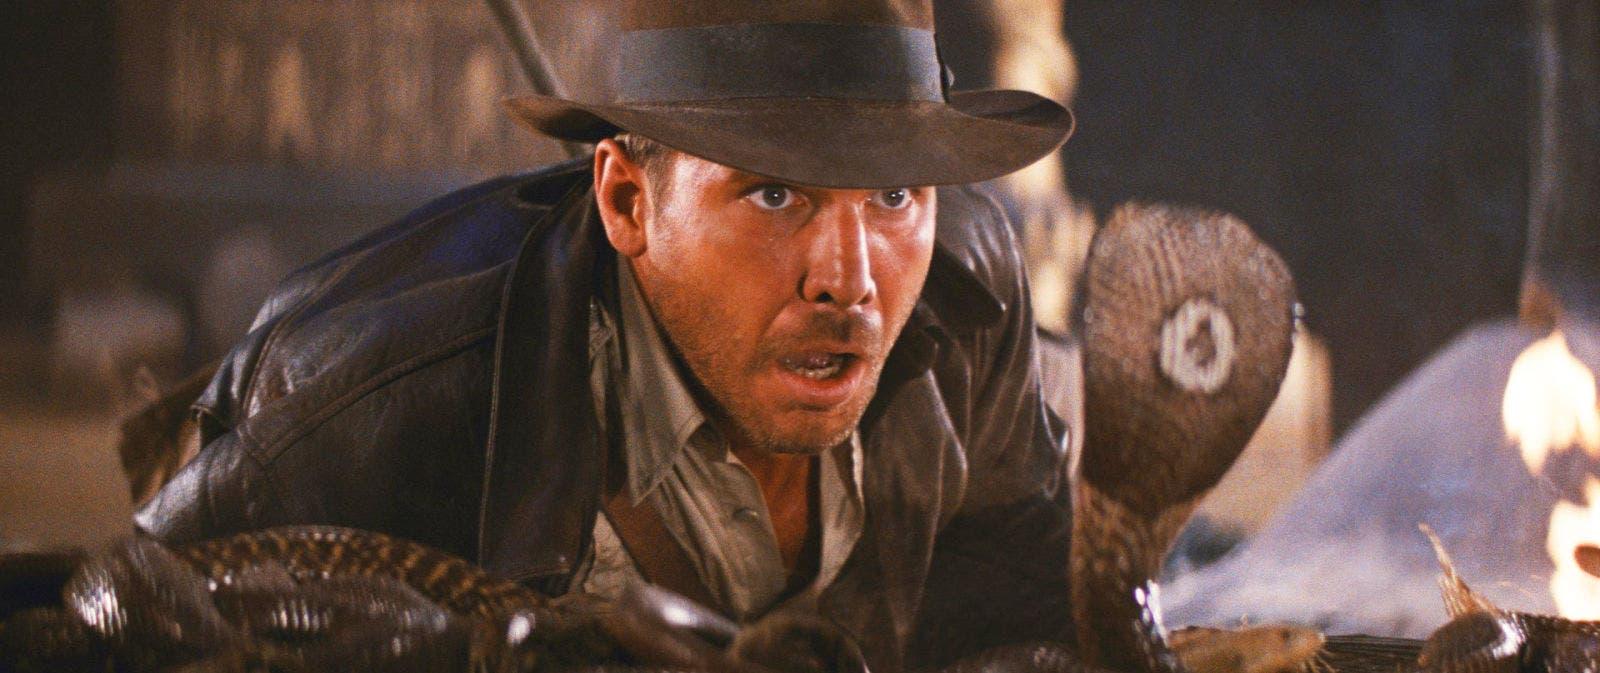 Imagen de Indiana Jones 5 se retrasa varios meses tras cambiar de guionista